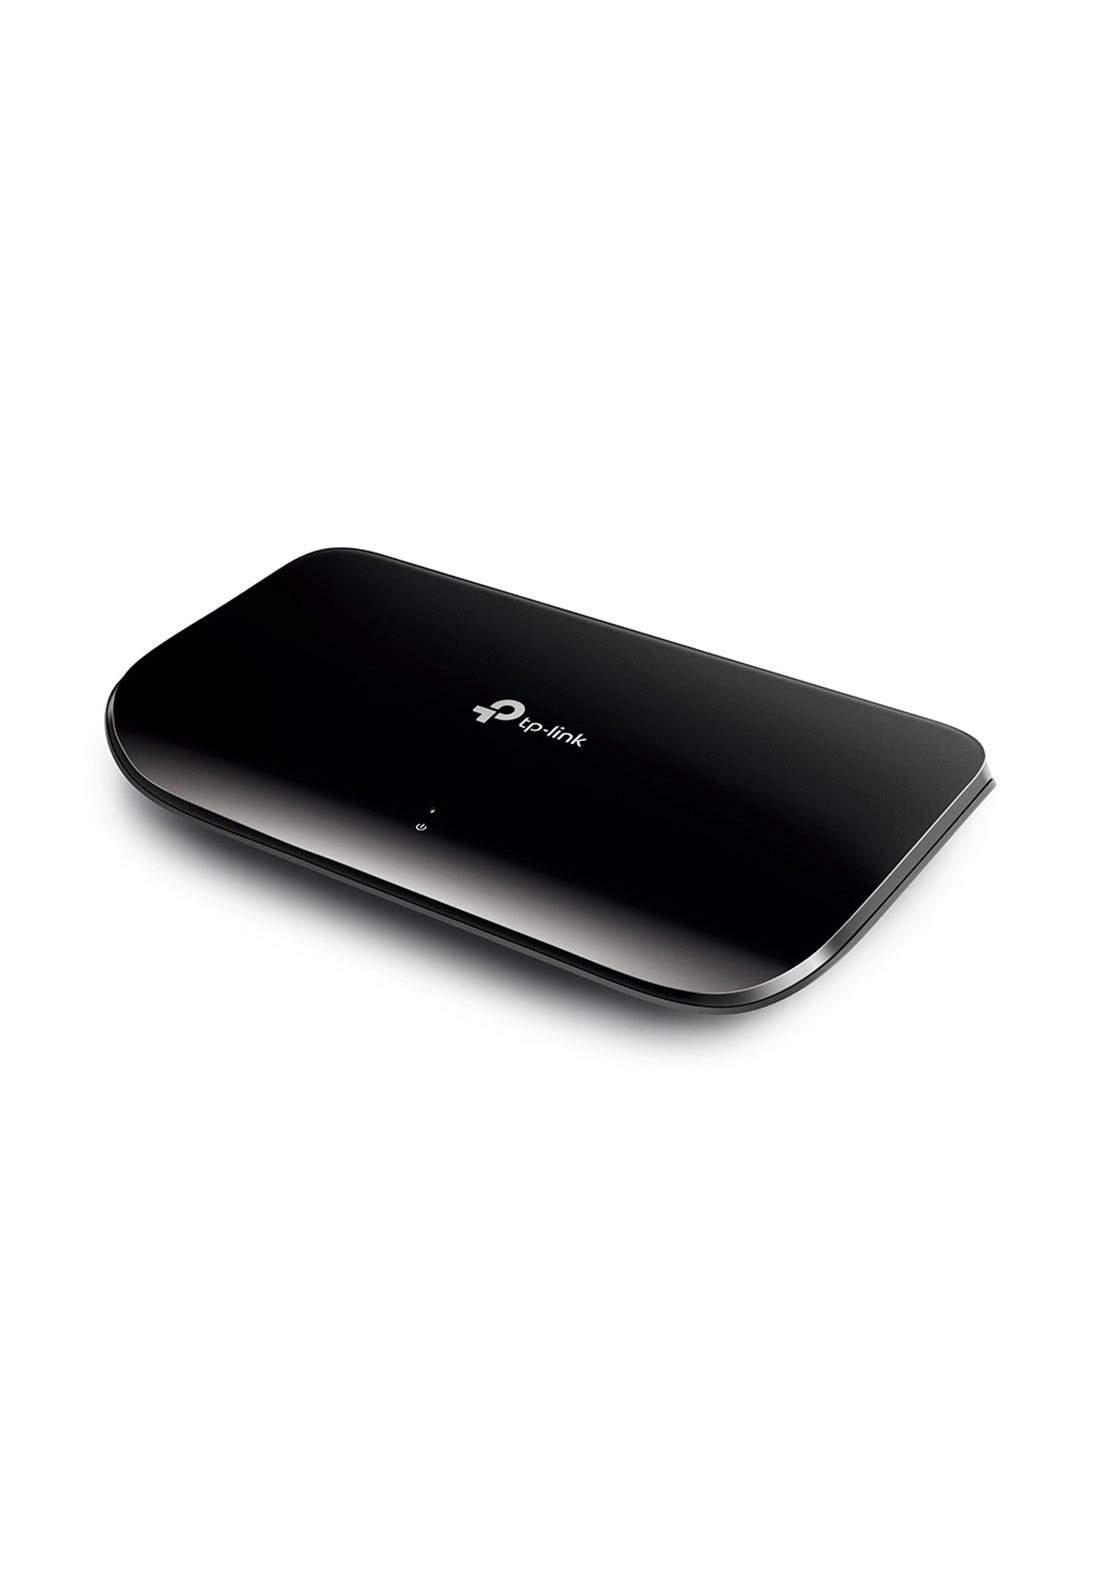 Tp-Link TL-SG1008D V8 8-Port Gigabit Desktop Switch - Black